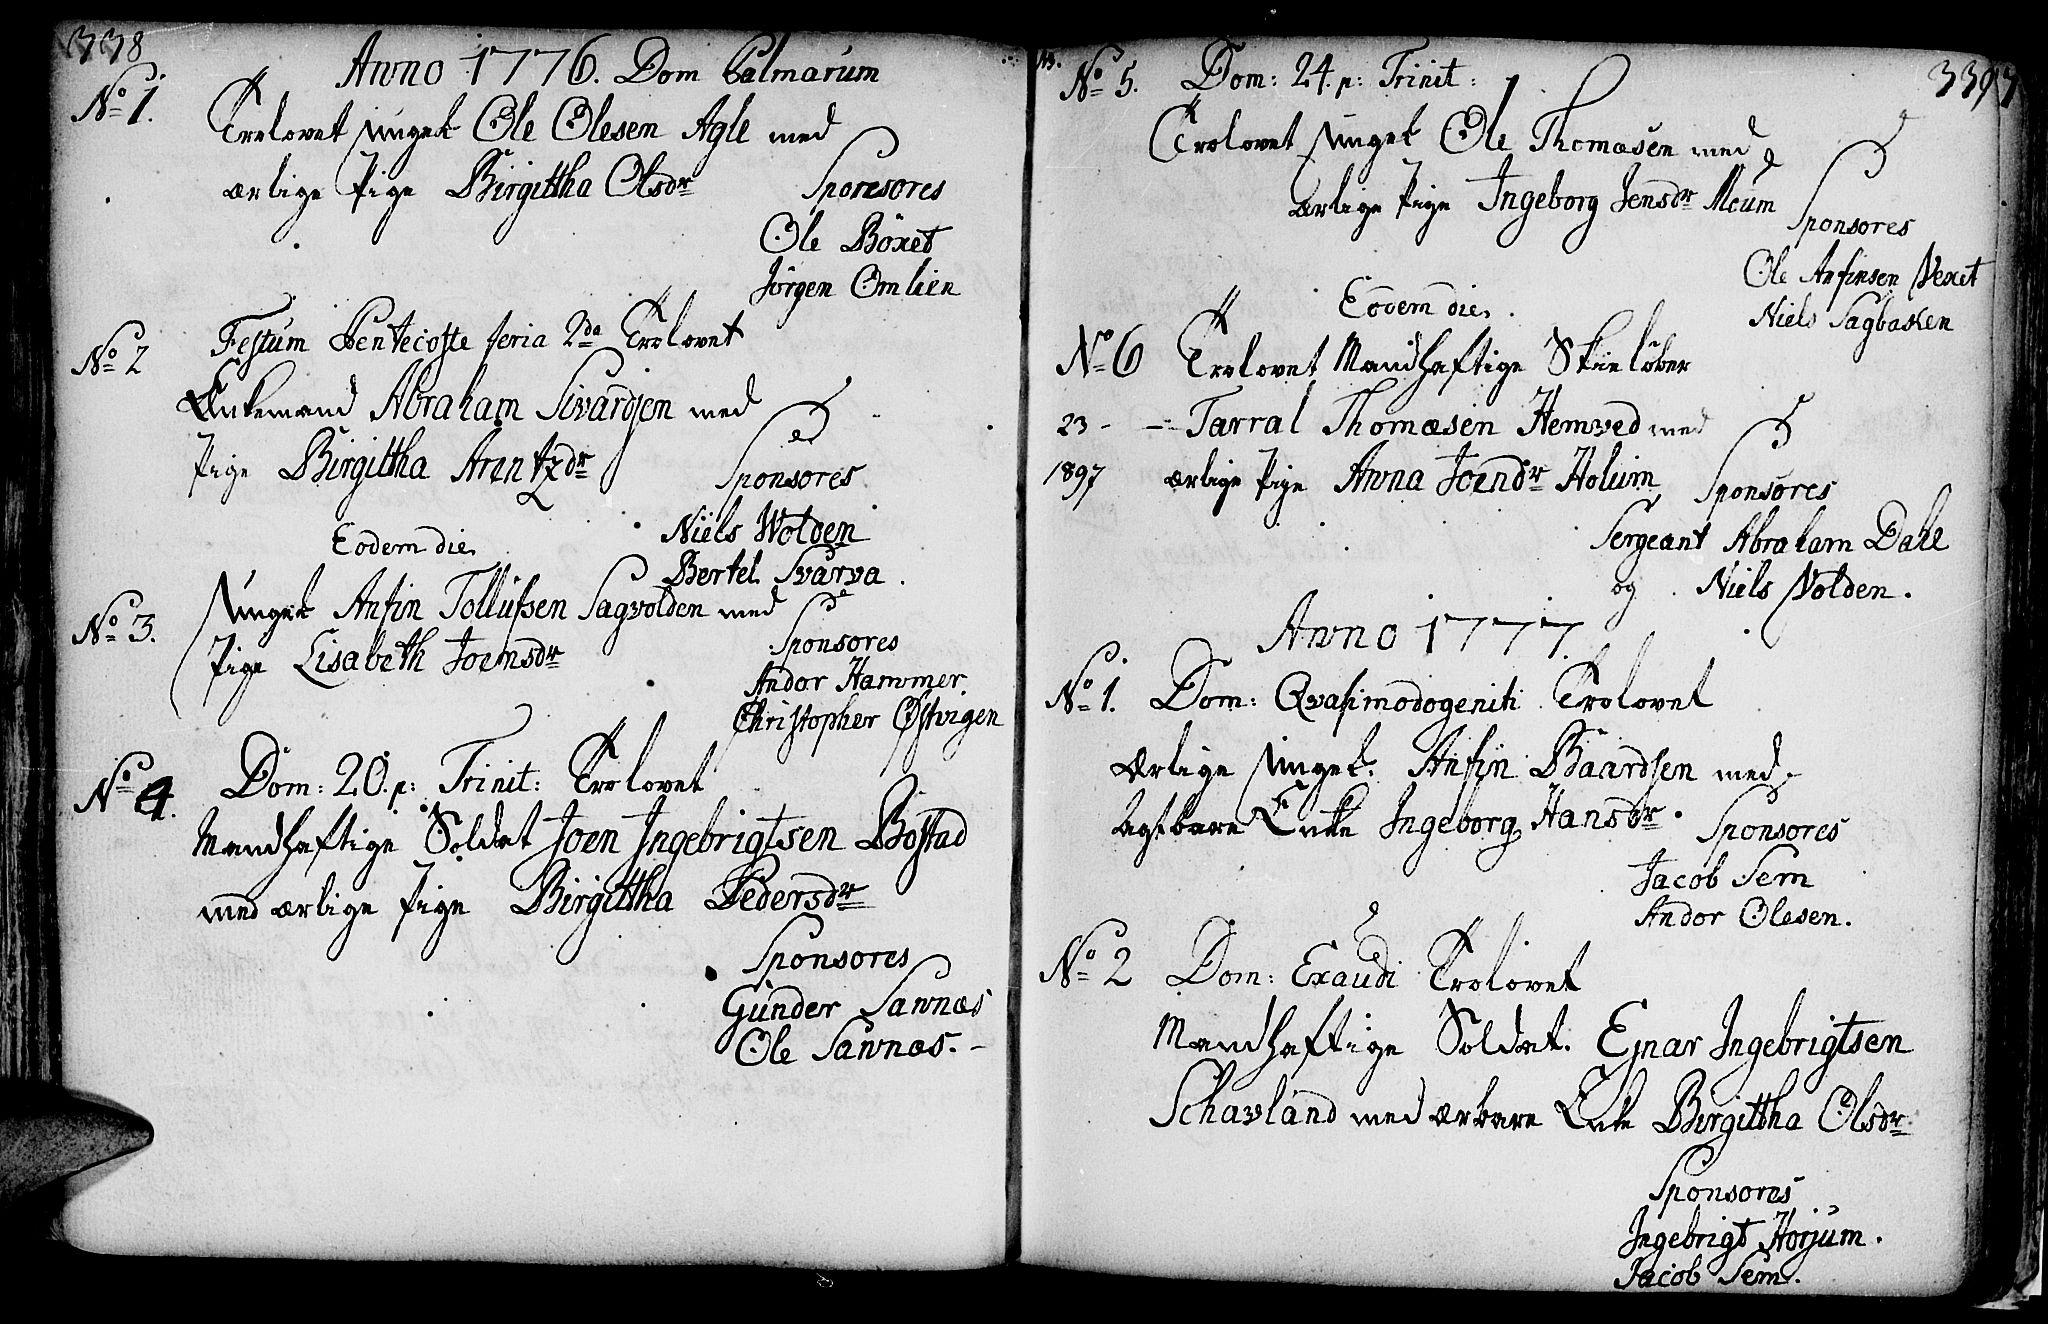 SAT, Ministerialprotokoller, klokkerbøker og fødselsregistre - Nord-Trøndelag, 749/L0467: Ministerialbok nr. 749A01, 1733-1787, s. 338-339